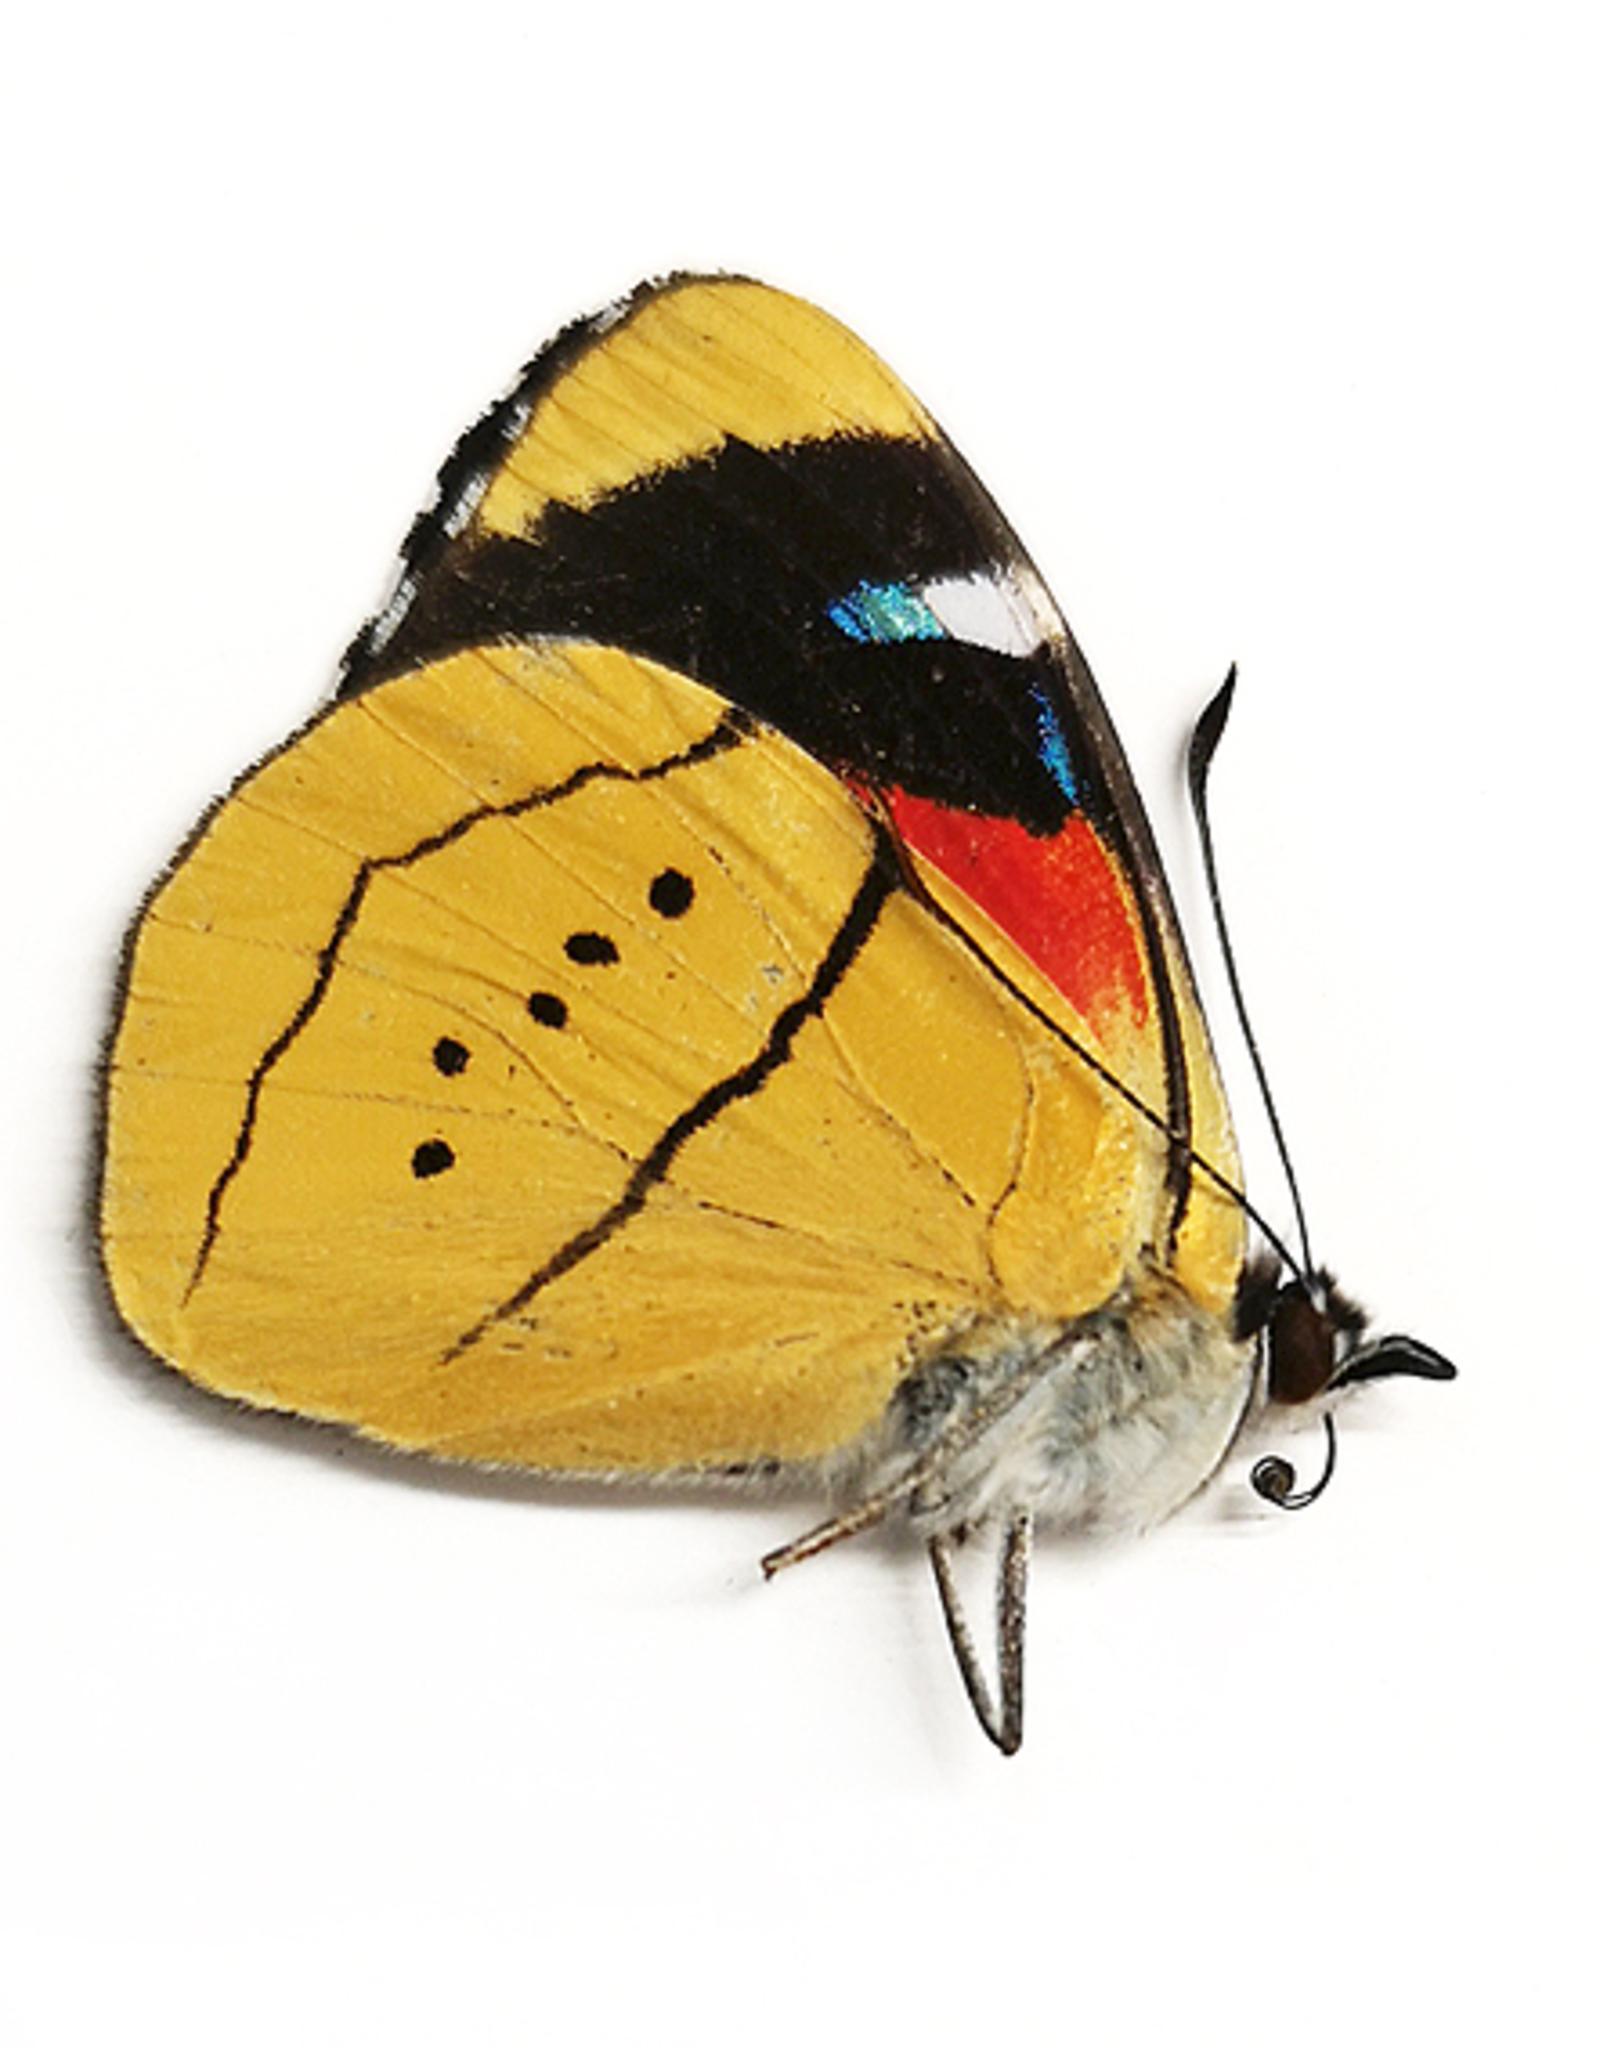 Perisama alicia alicia f. lucrezioides M A1 Peru